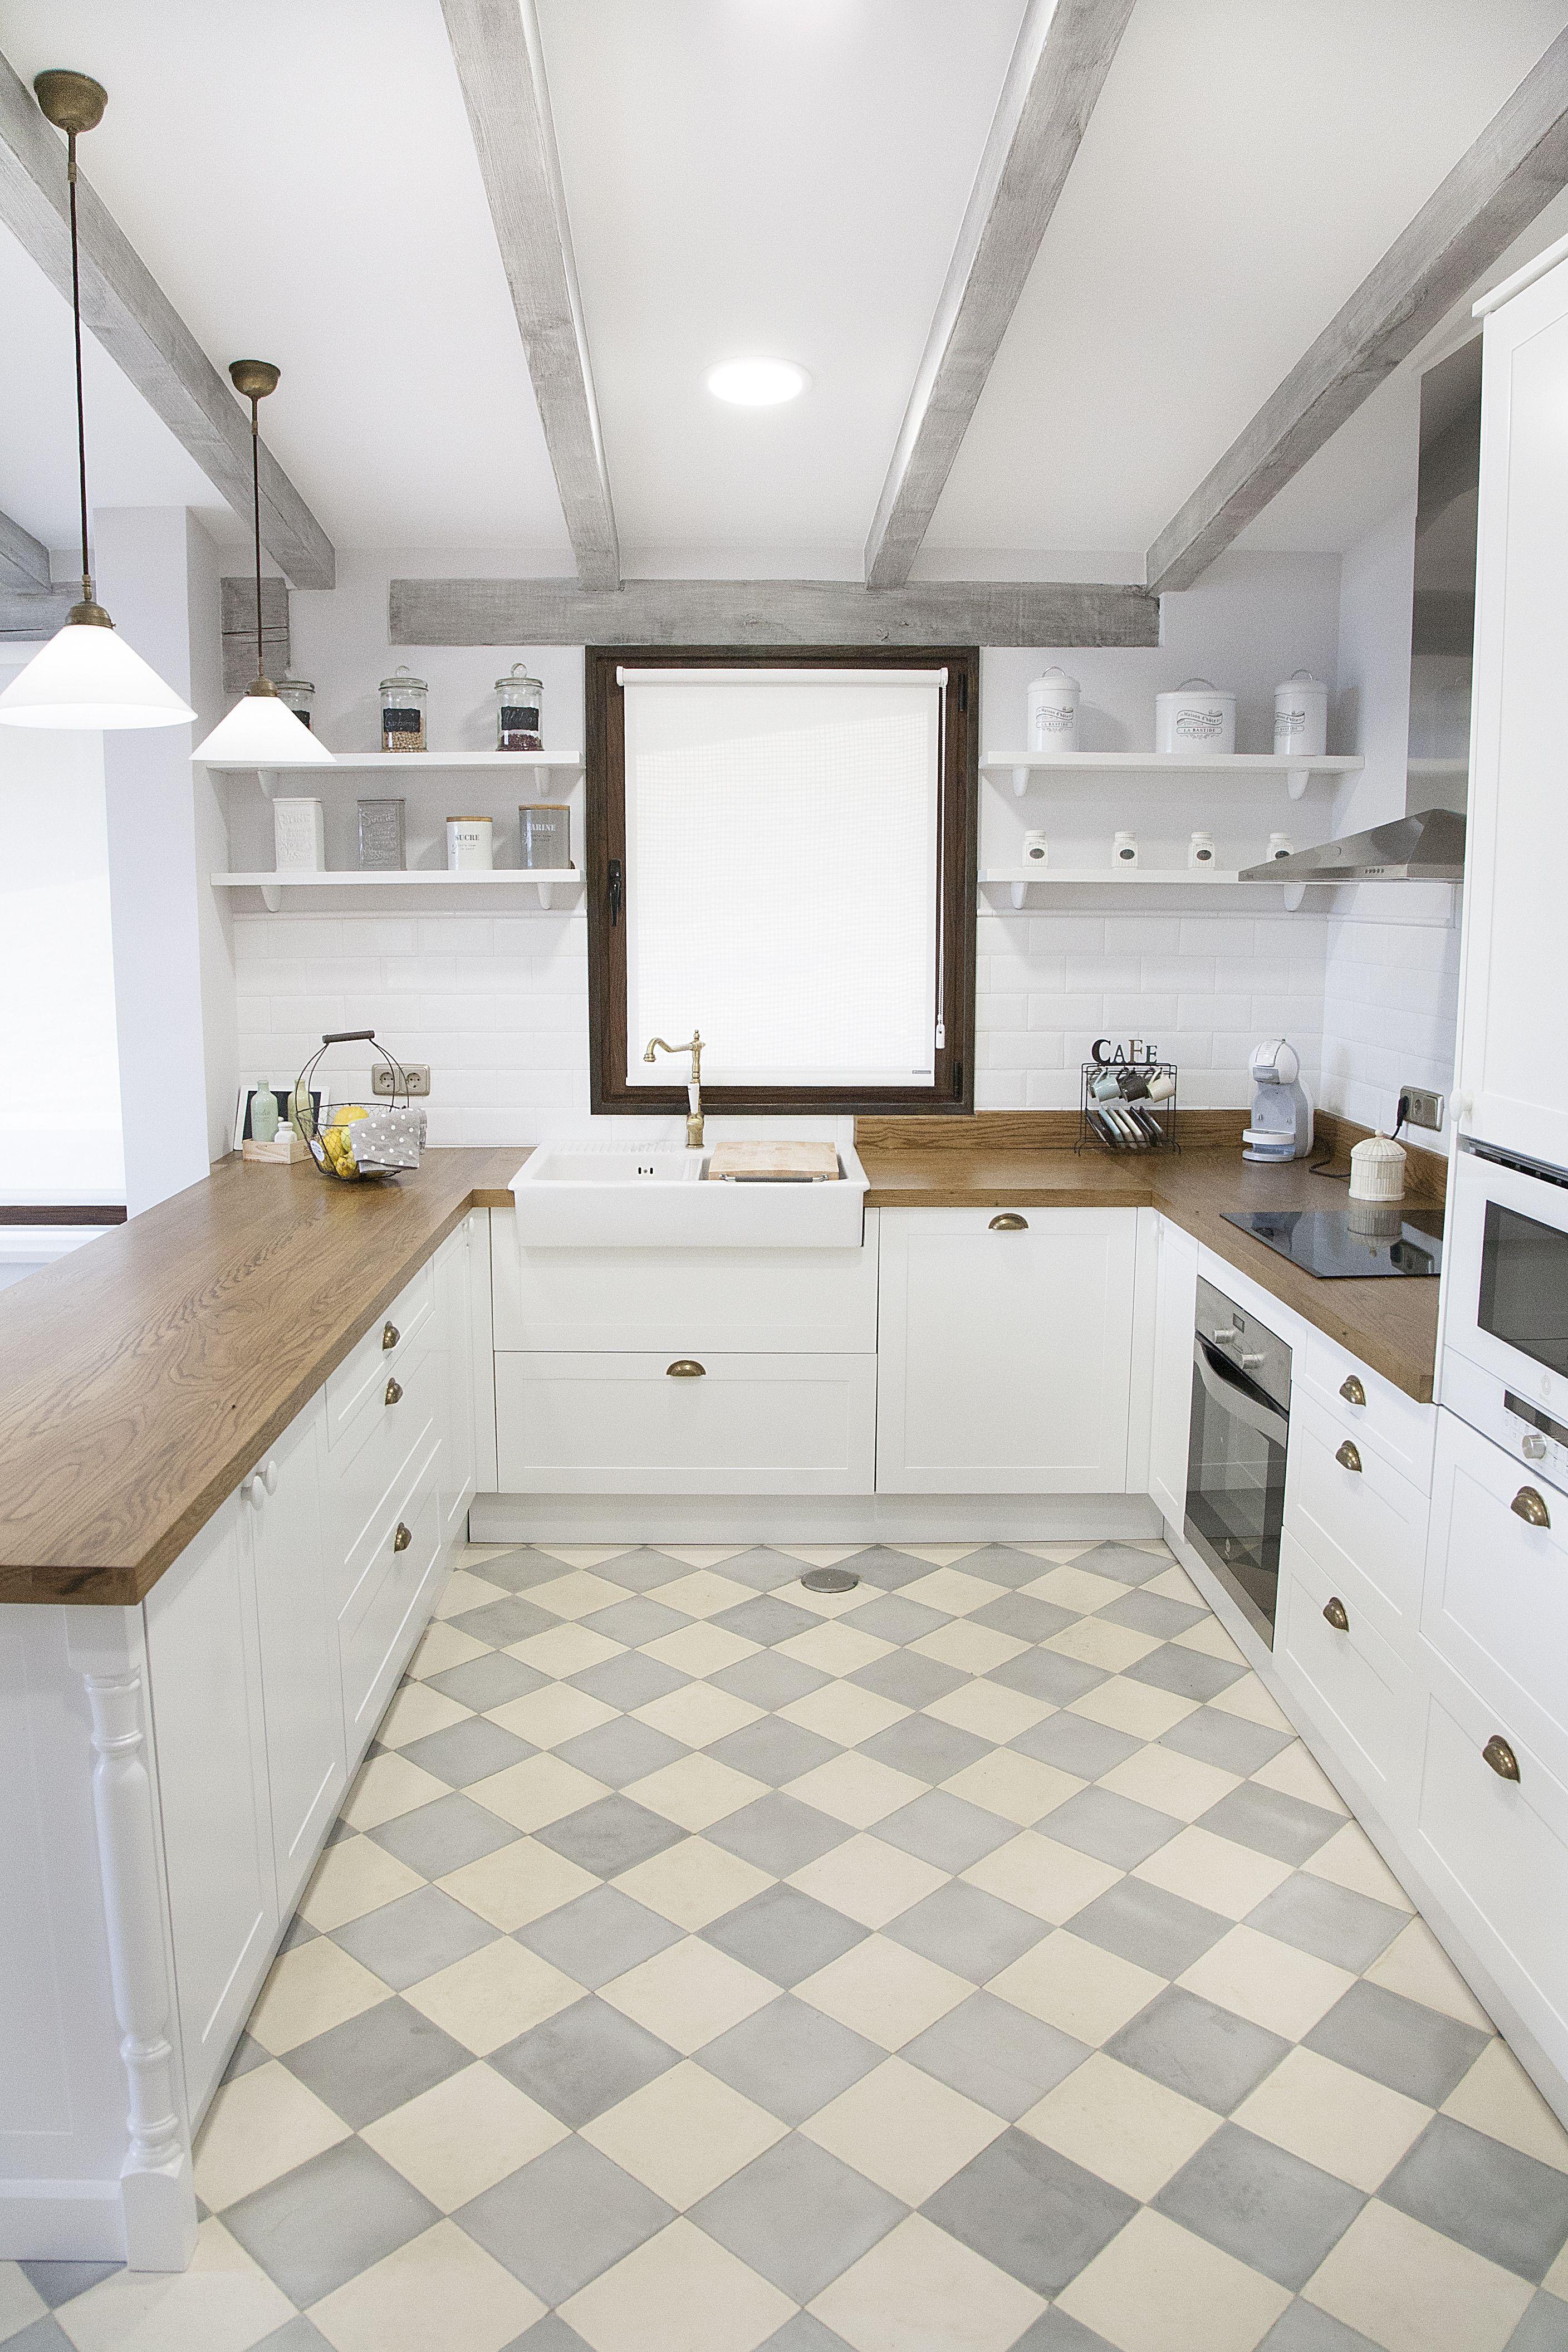 Cocina blanca encimera de madera suelo hidr ulico - Suelo de cocina ...